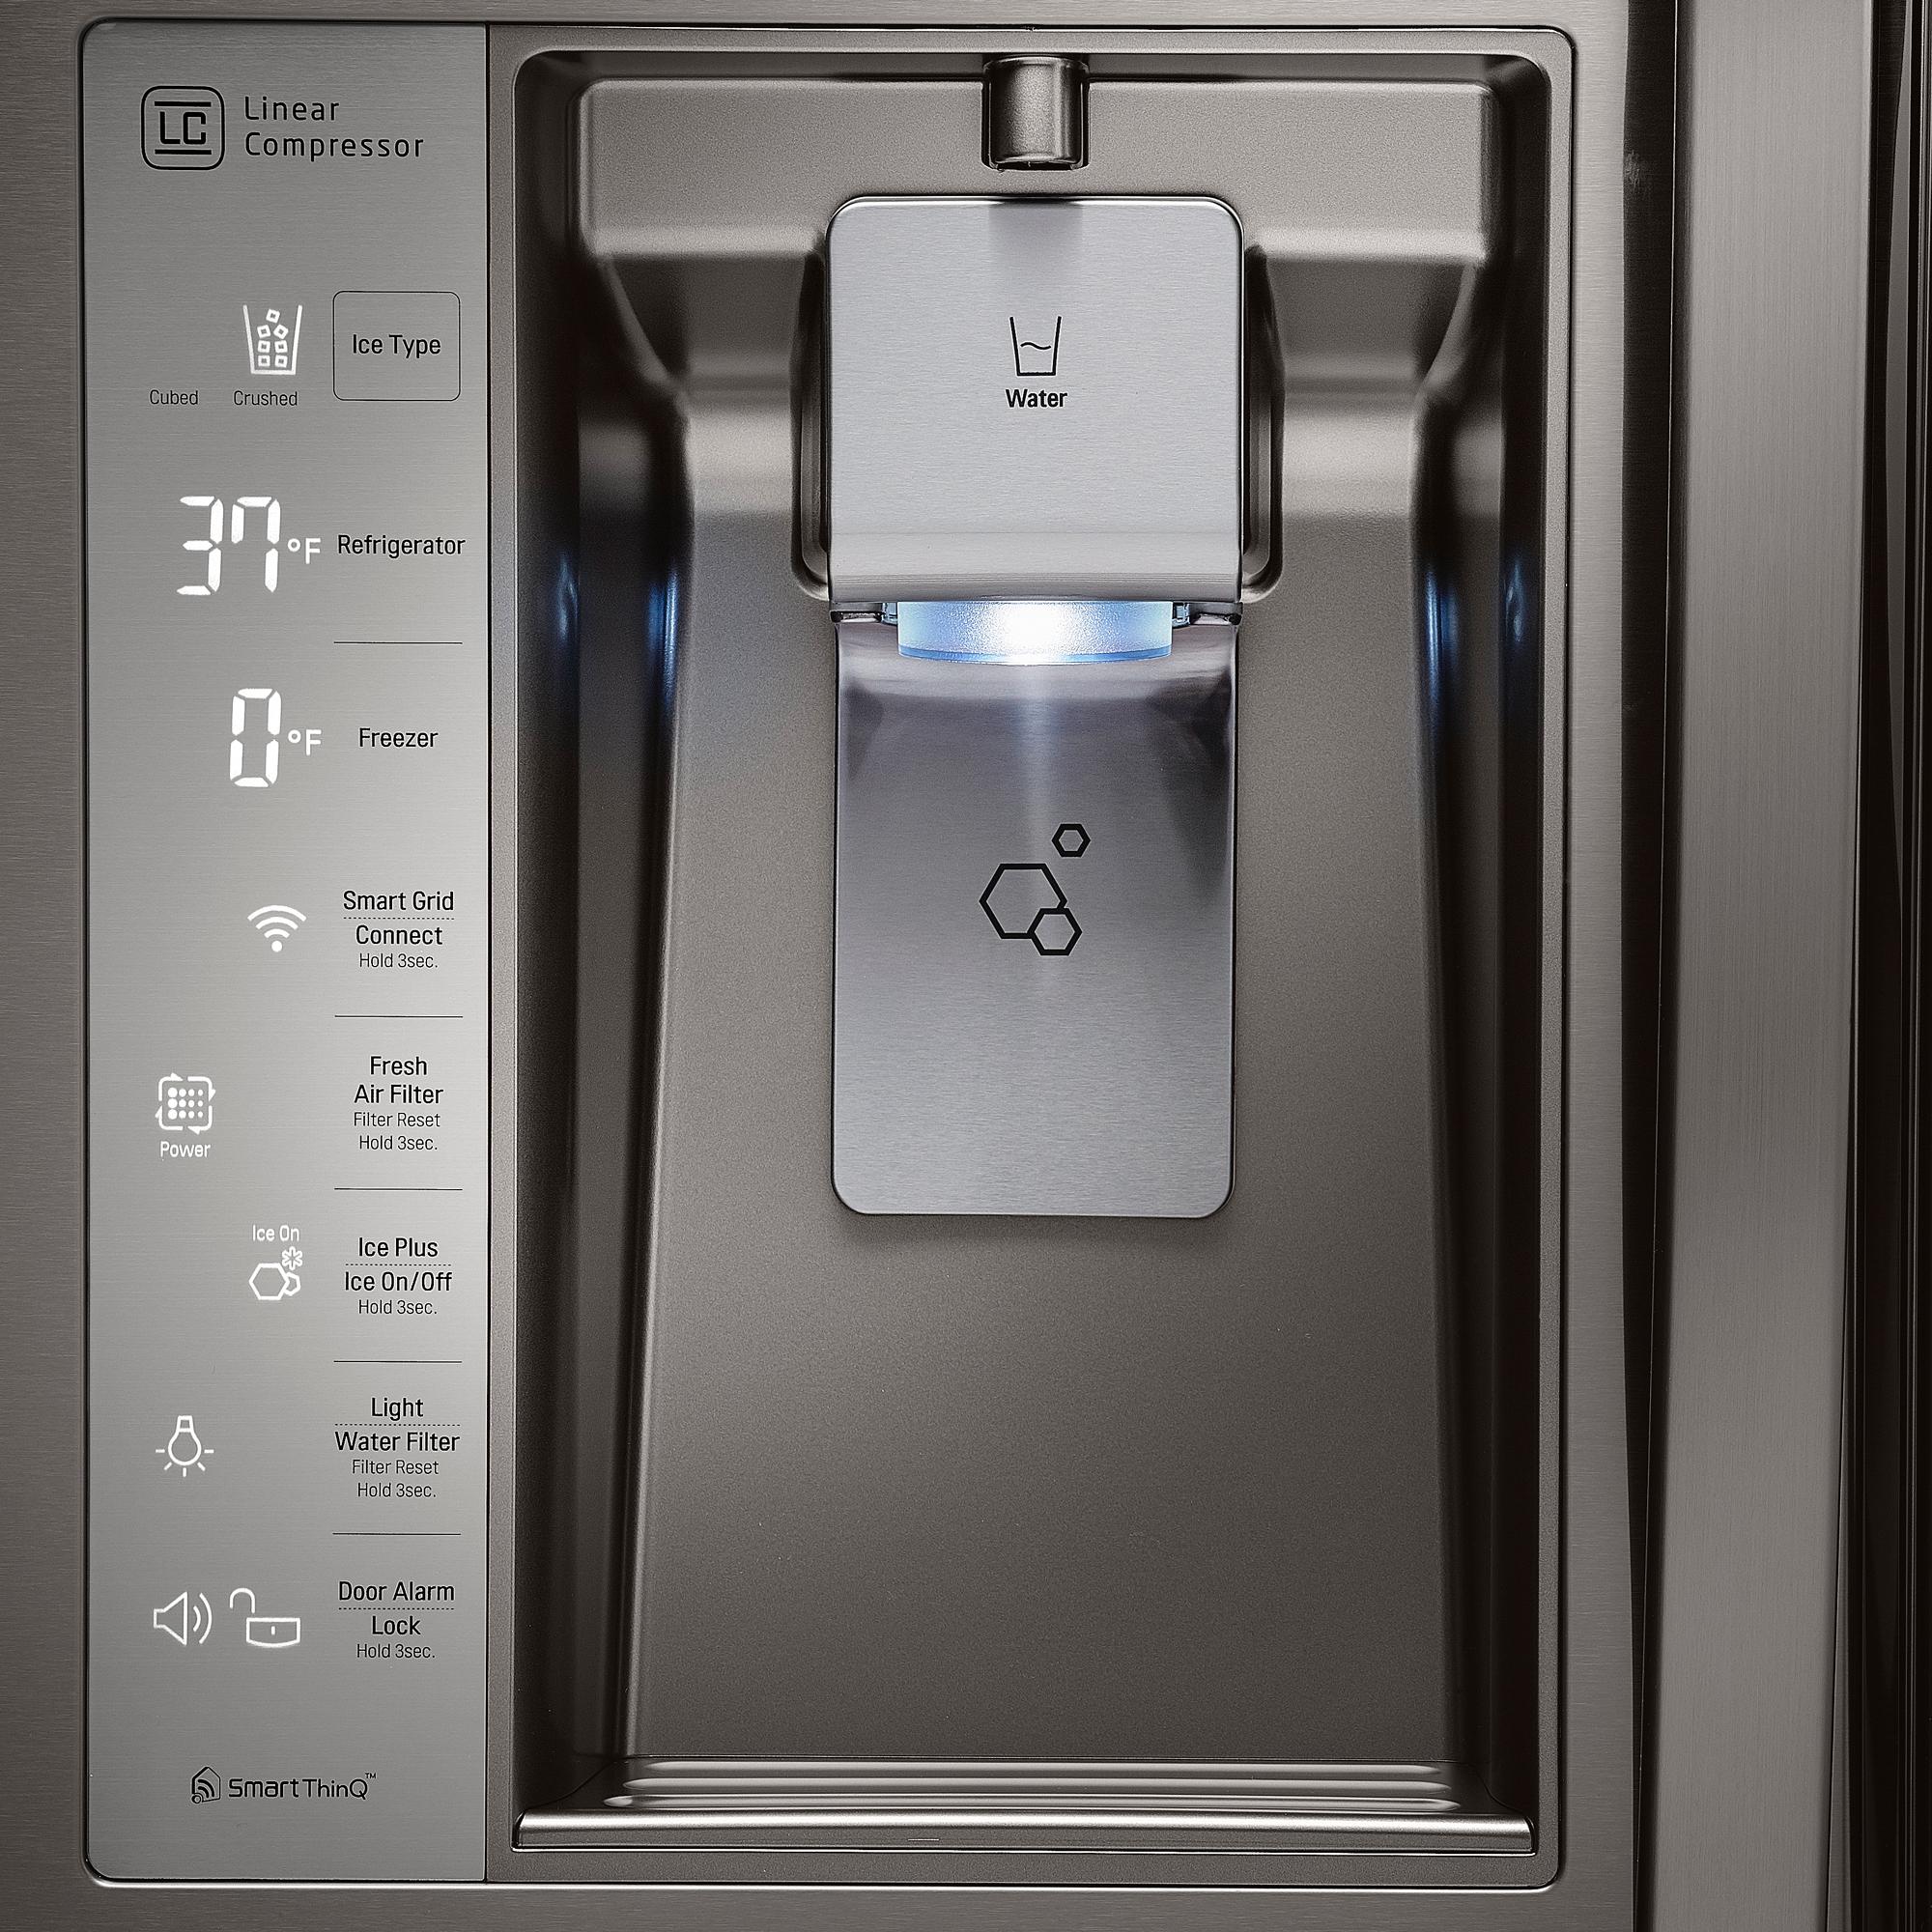 LG LFXS30766D 29.6 cu. ft. Super-Capacity Door-in-Door™ Refrigerator - Black Stainless